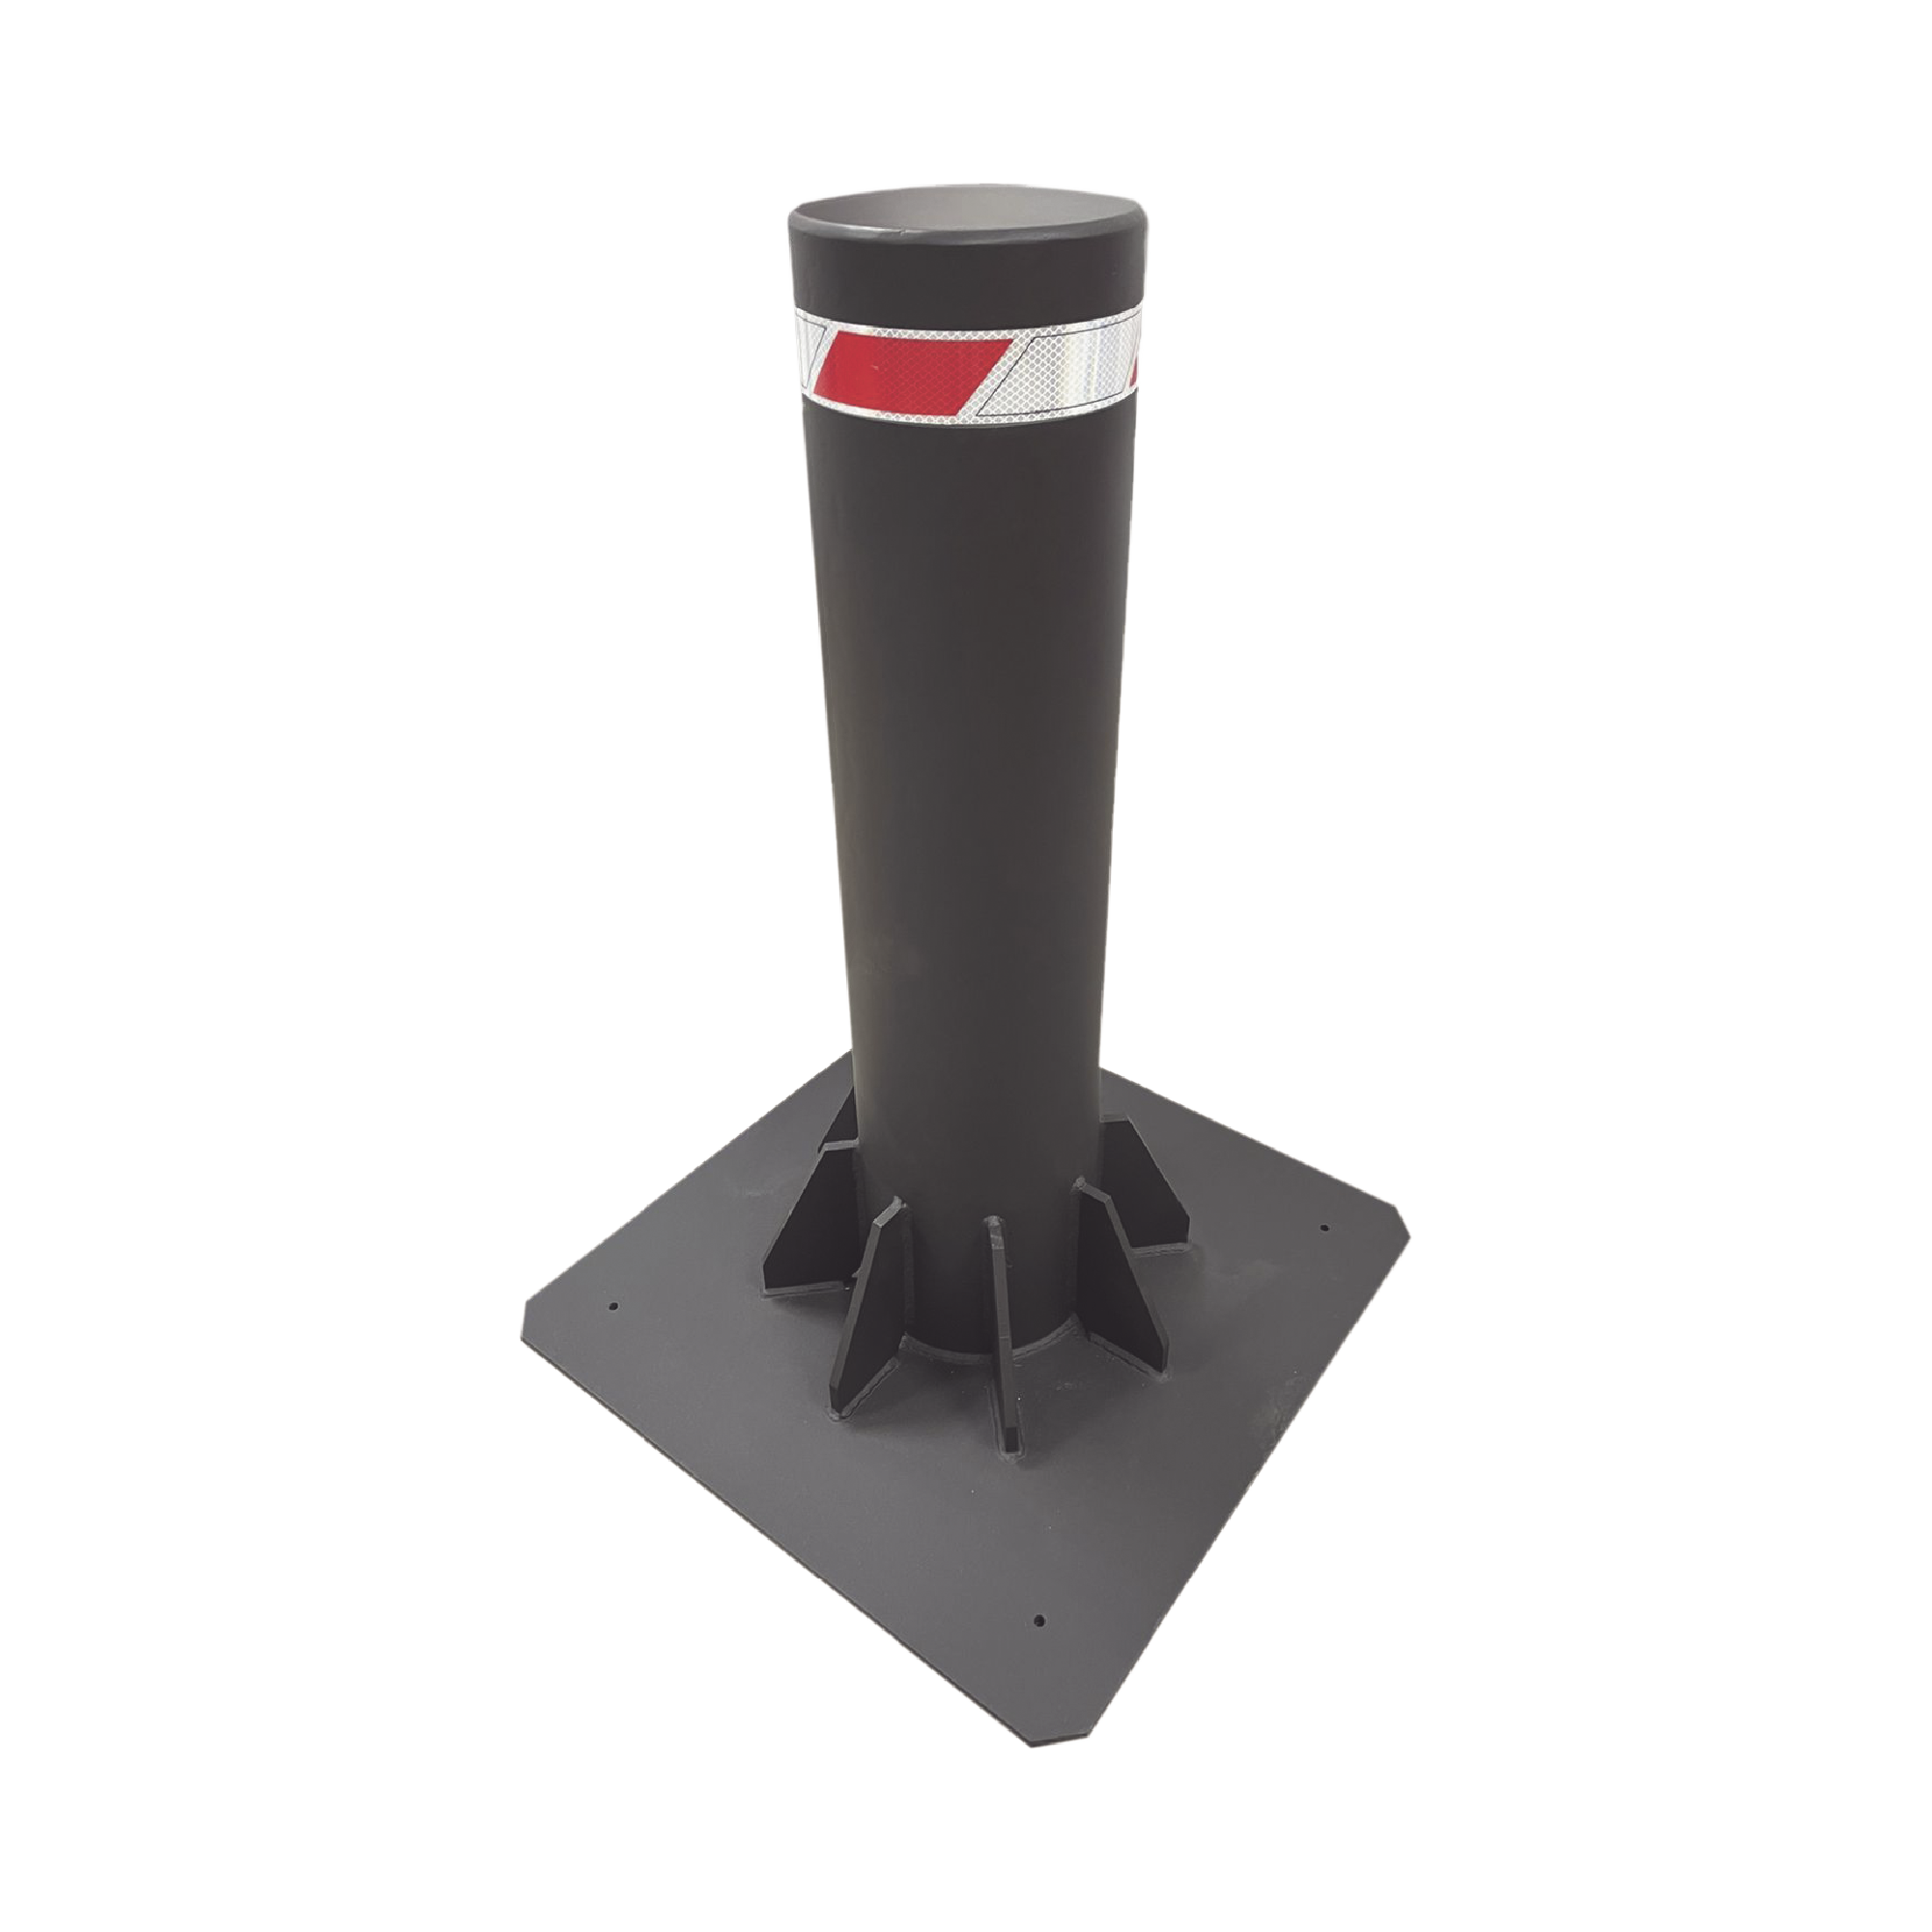 Bolardo Fijo de Alta Seguridad de 220 mm de Diámetro / Fabricado en Acero al Carbon